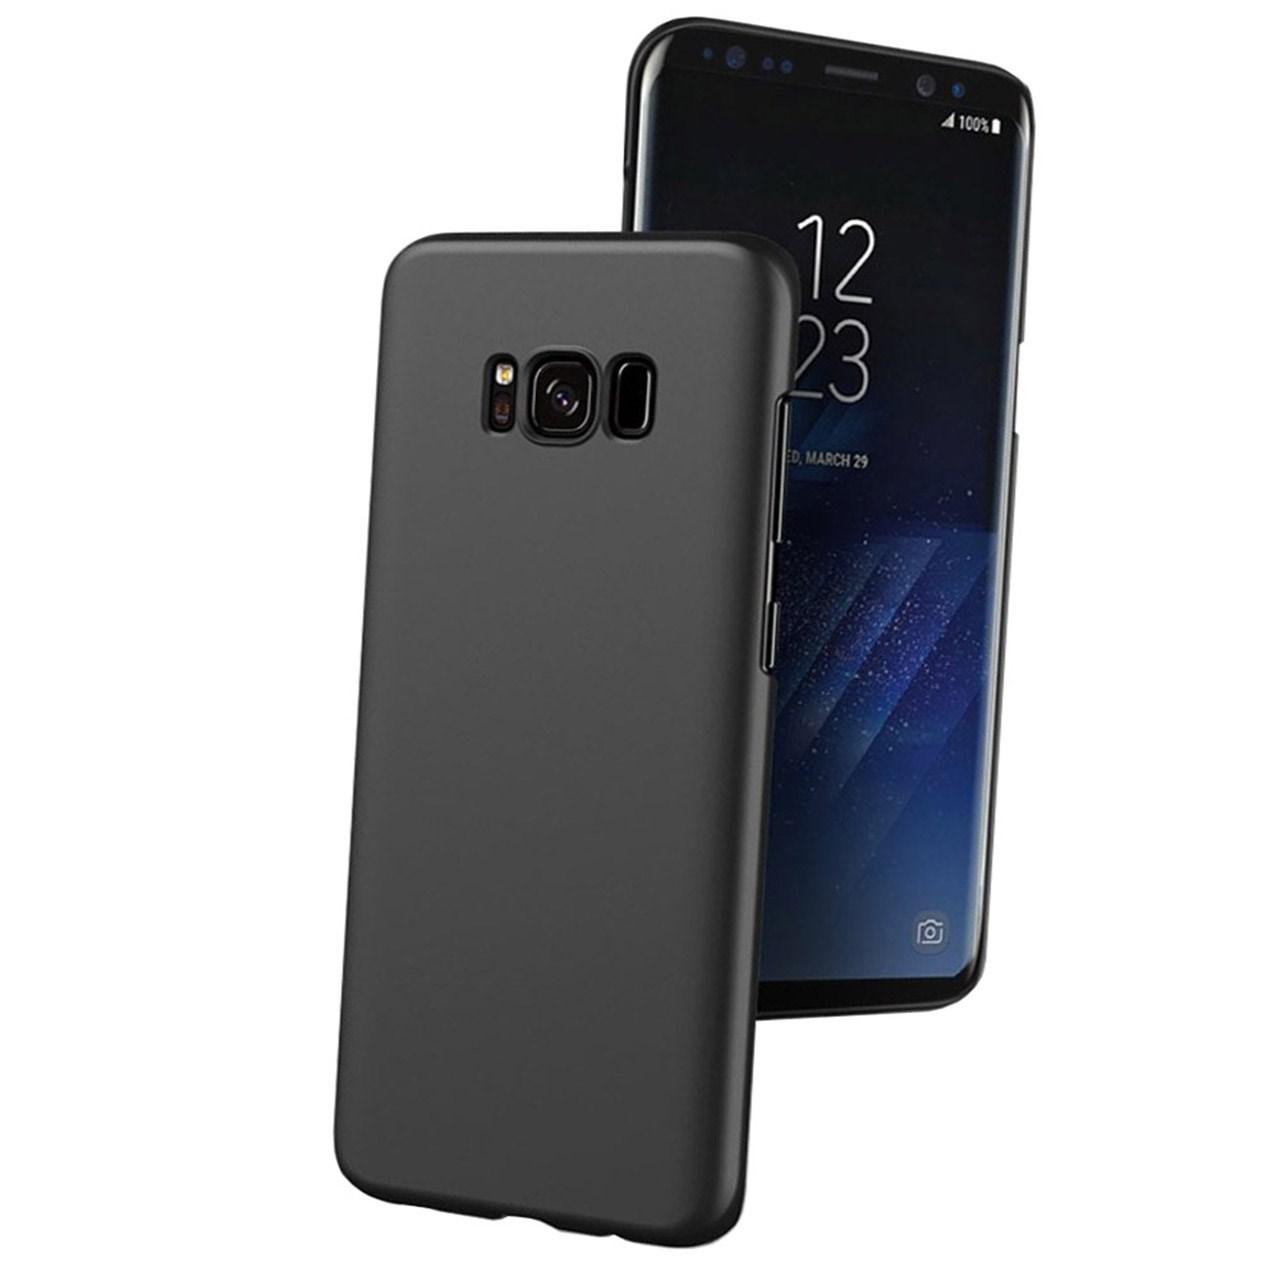 کاور  آیپکی مدل Hard Case مناسب برای گوشی Samsung Galaxy S8 Plus